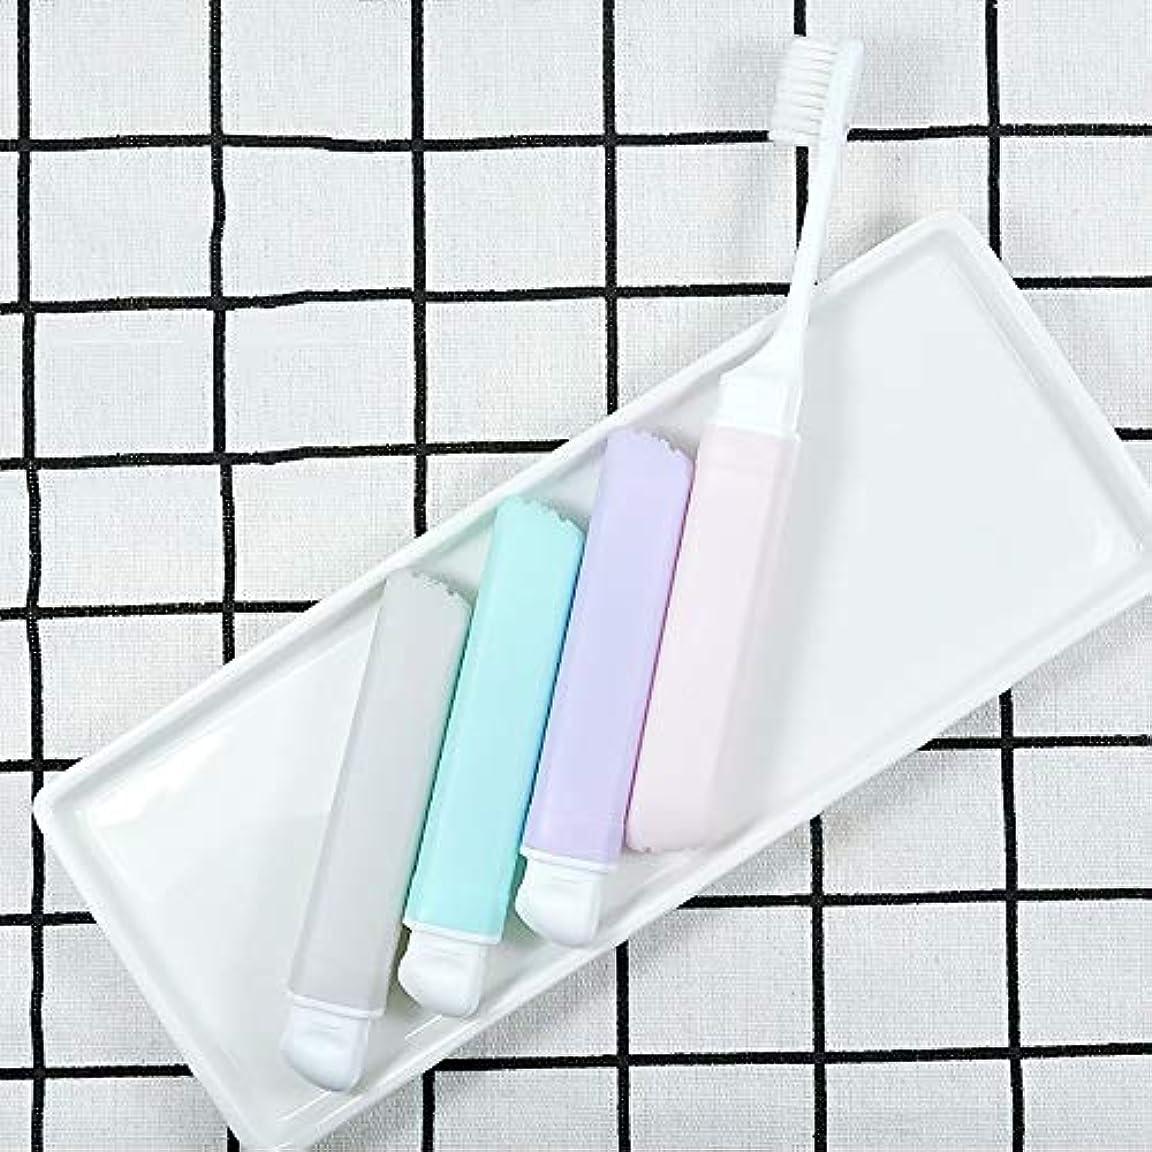 些細日記ダイヤモンド歯ブラシ 10柔らかい歯ブラシ、携帯用歯ブラシ、折り畳み式の大人歯ブラシ - 10パック KHL (サイズ : 10 packs)